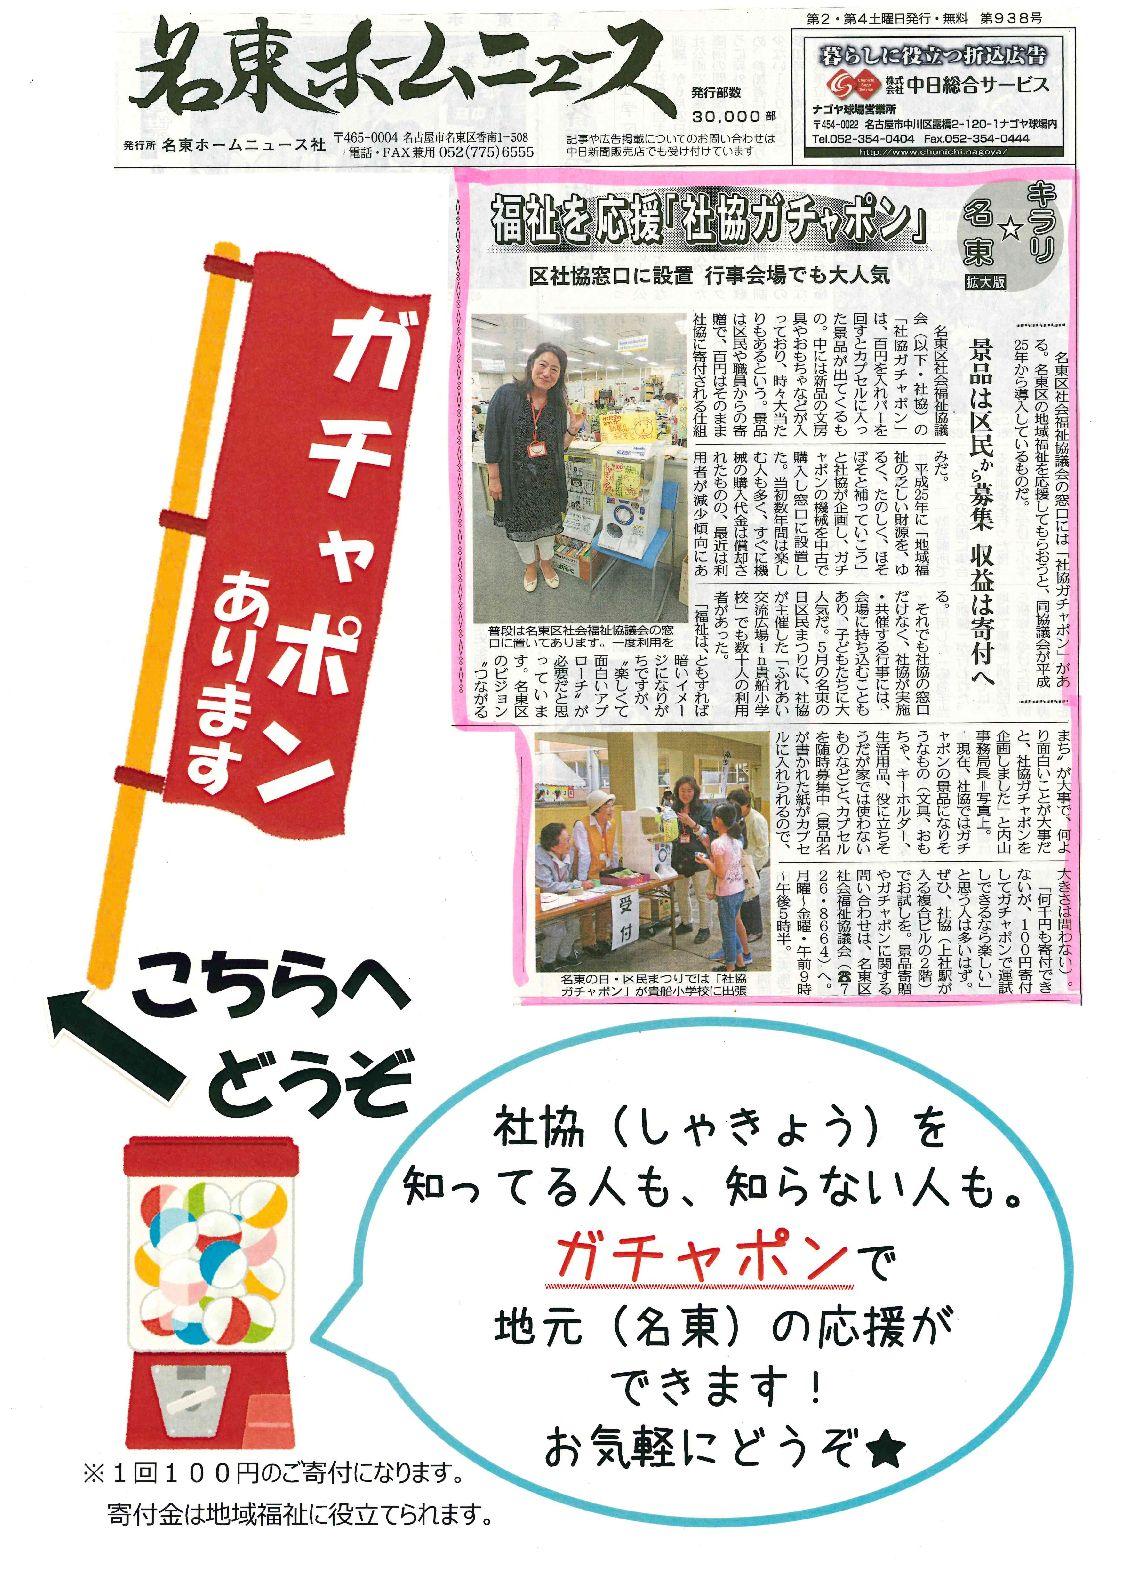 名東ホームニュース掲載・福祉を応援「社協ガチャポン」